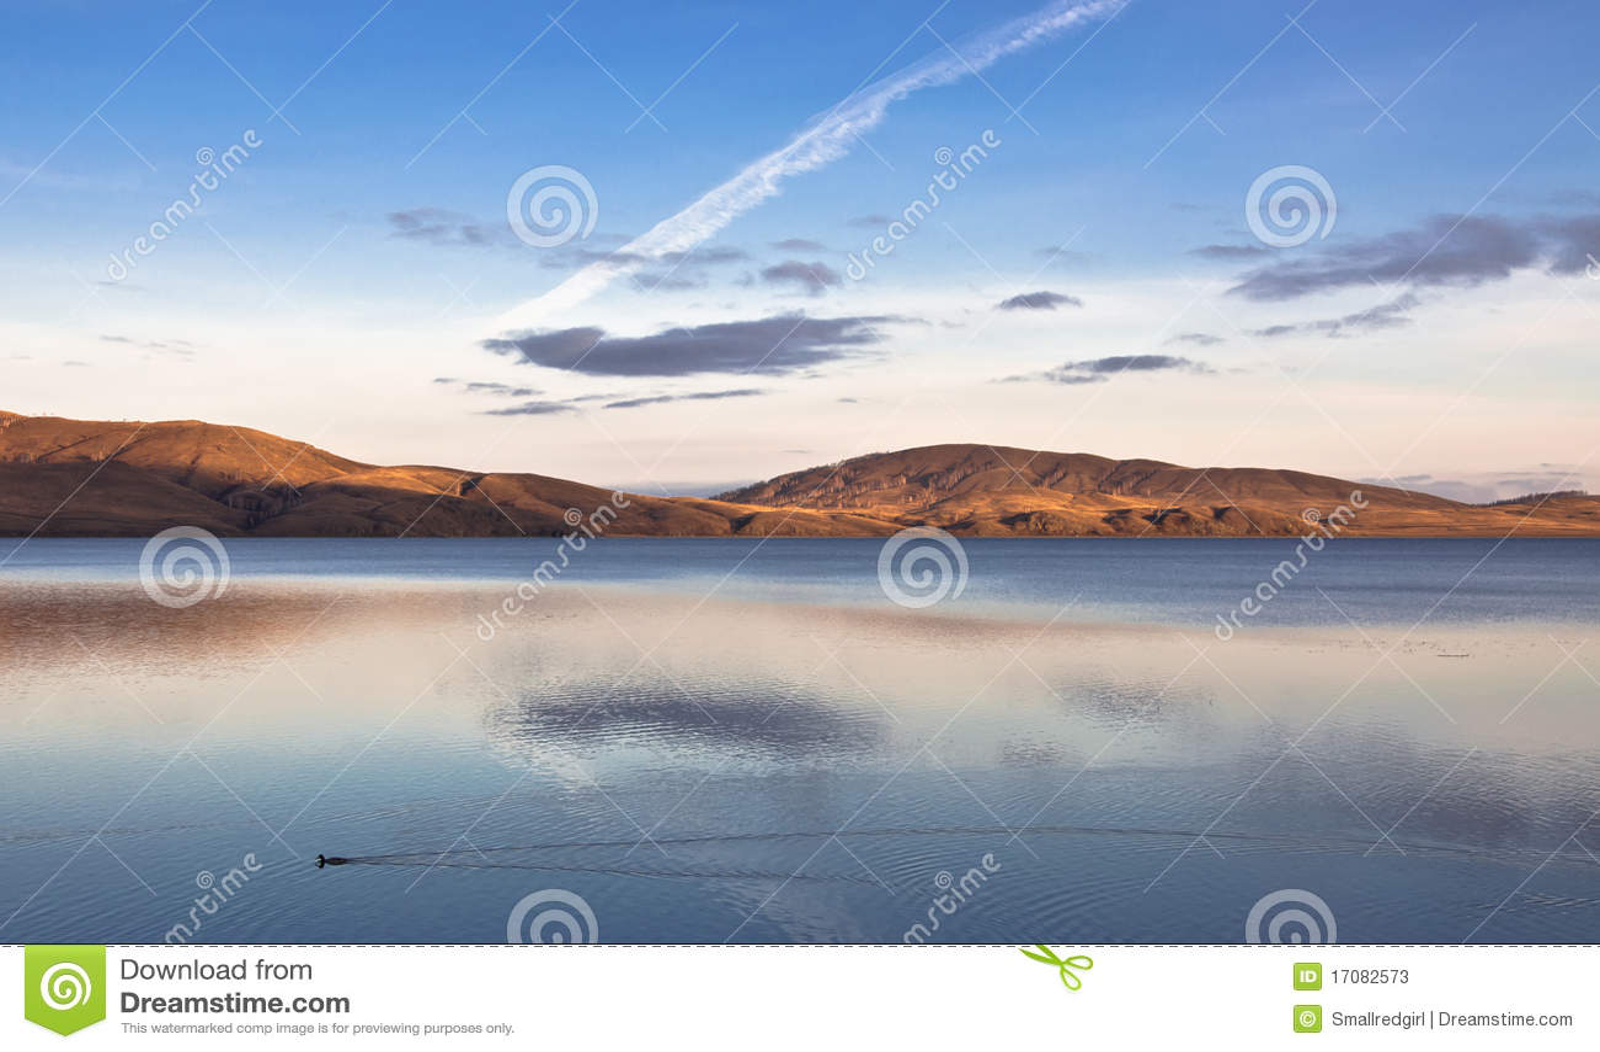 Abendlandschaft von See mit Reflexionen